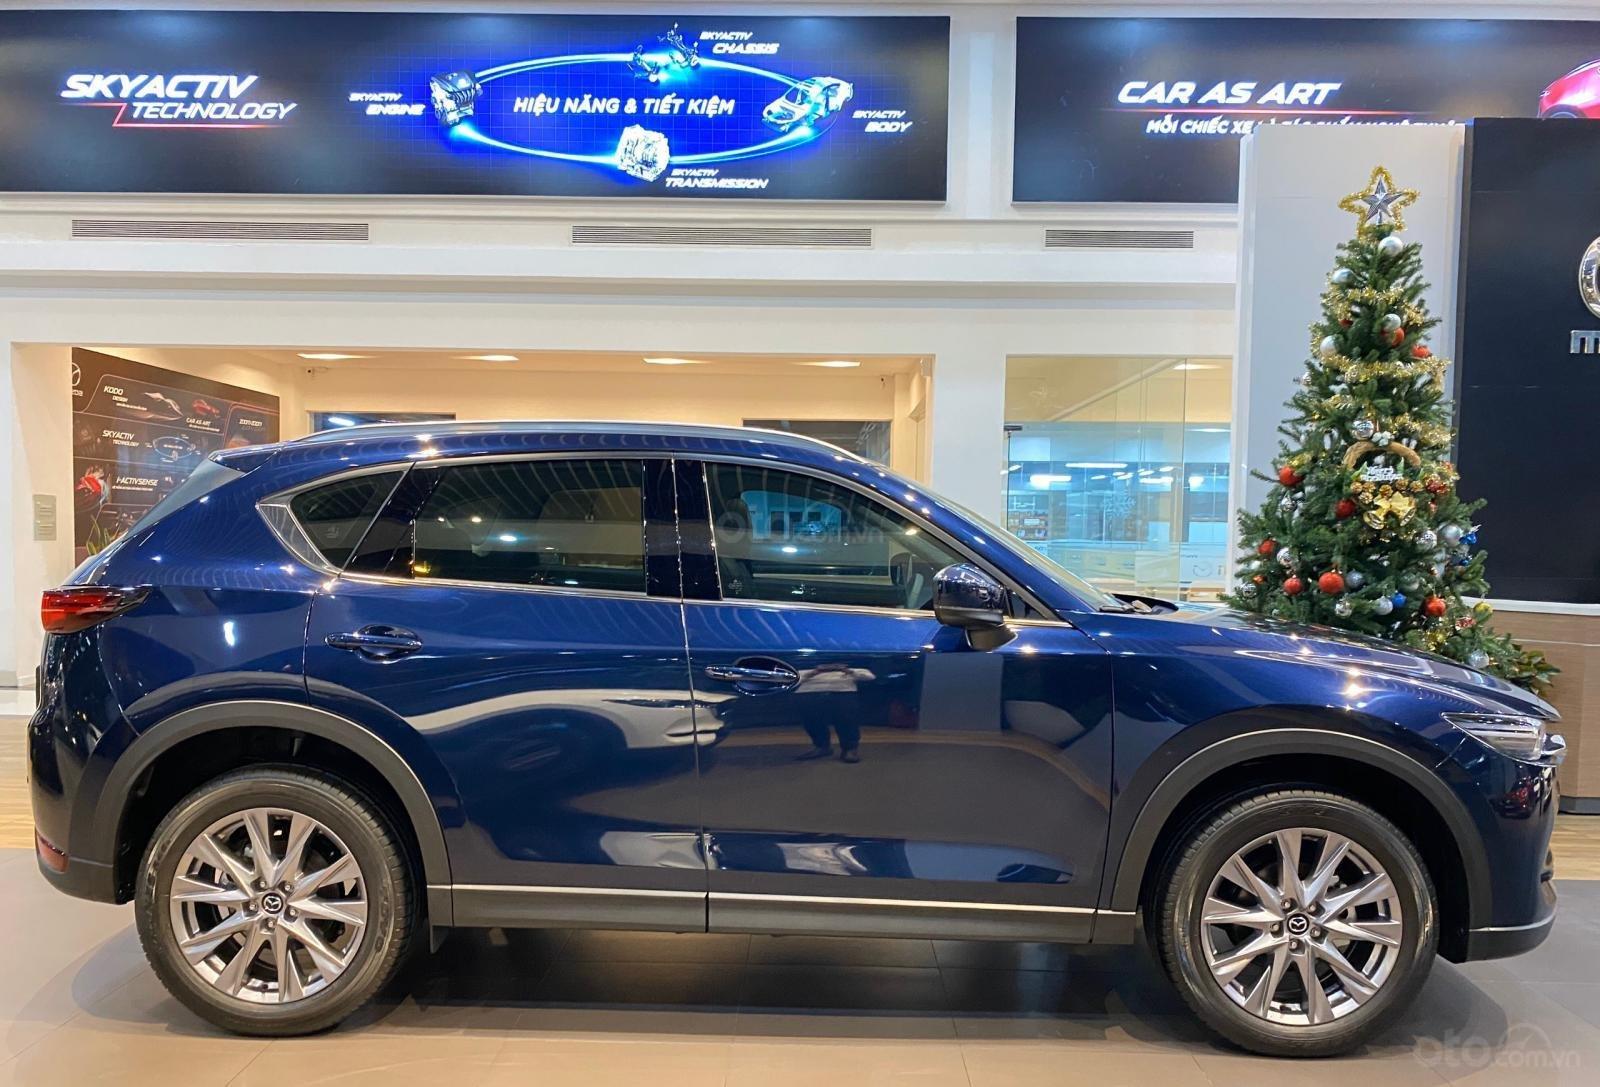 Mazda CX5 2020 mới giảm ngay 50% thuế trước bạ, trả góp đến 80% chỉ 230 triệu lấy xe, đủ màu giao ngay (2)